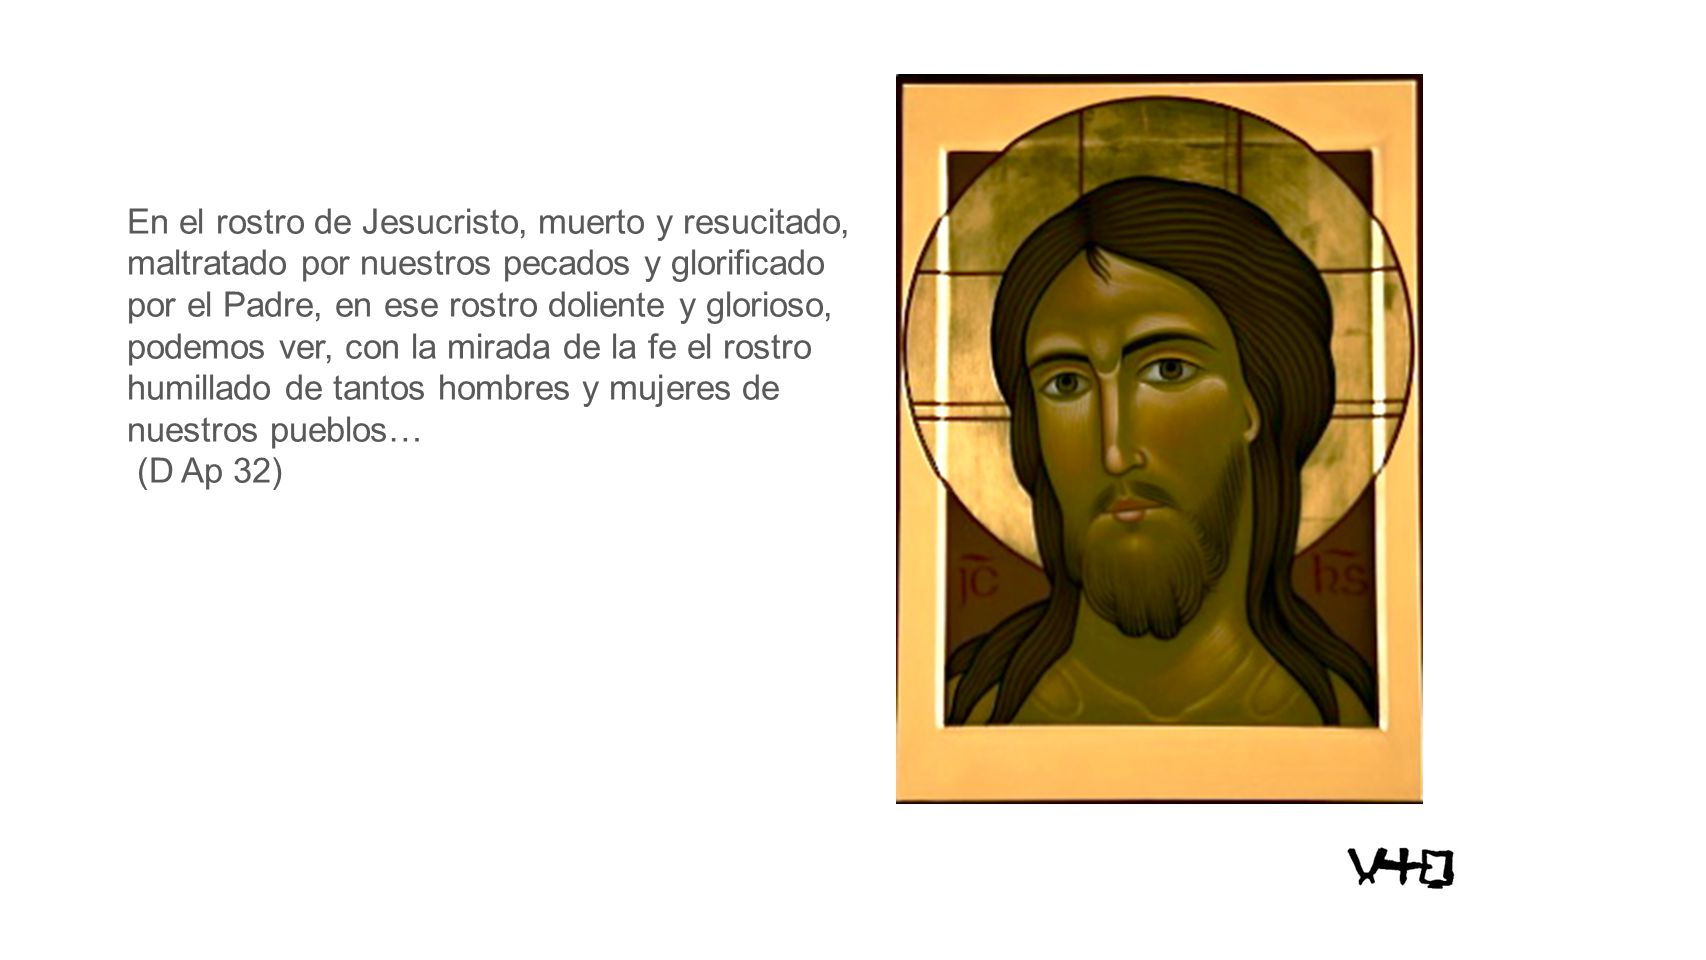 En el rostro de Jesucristo, muerto y resucitado, maltratado por nuestros pecados y glorificado por el Padre, en ese rostro doliente y glorioso, podemo